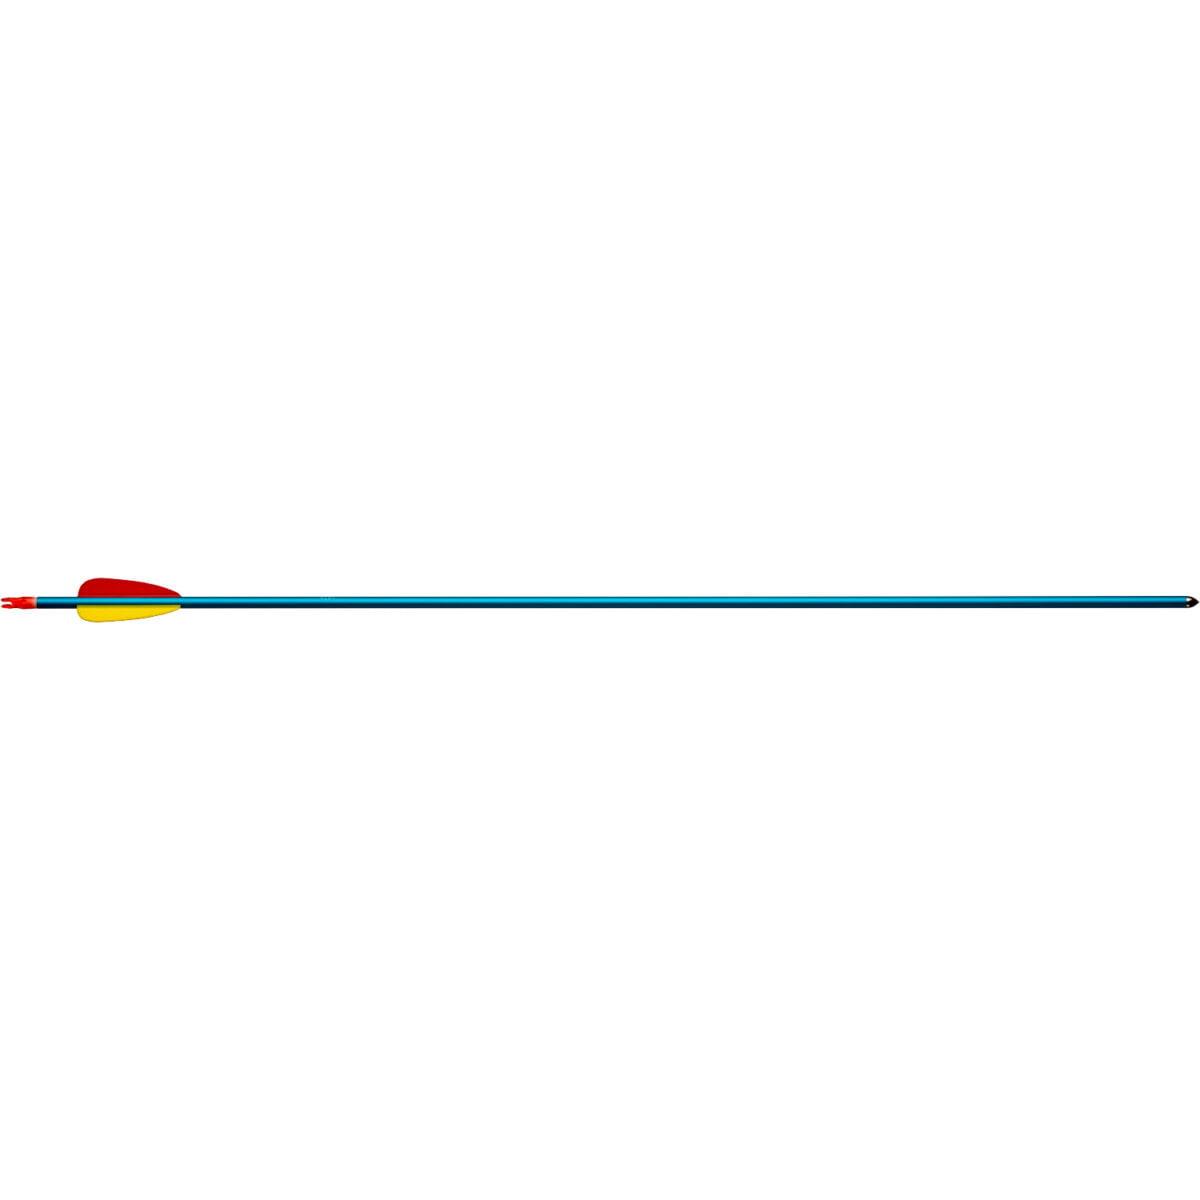 Стрела для лука Man Kung MK-AAL29 , алюминий ц:голубой